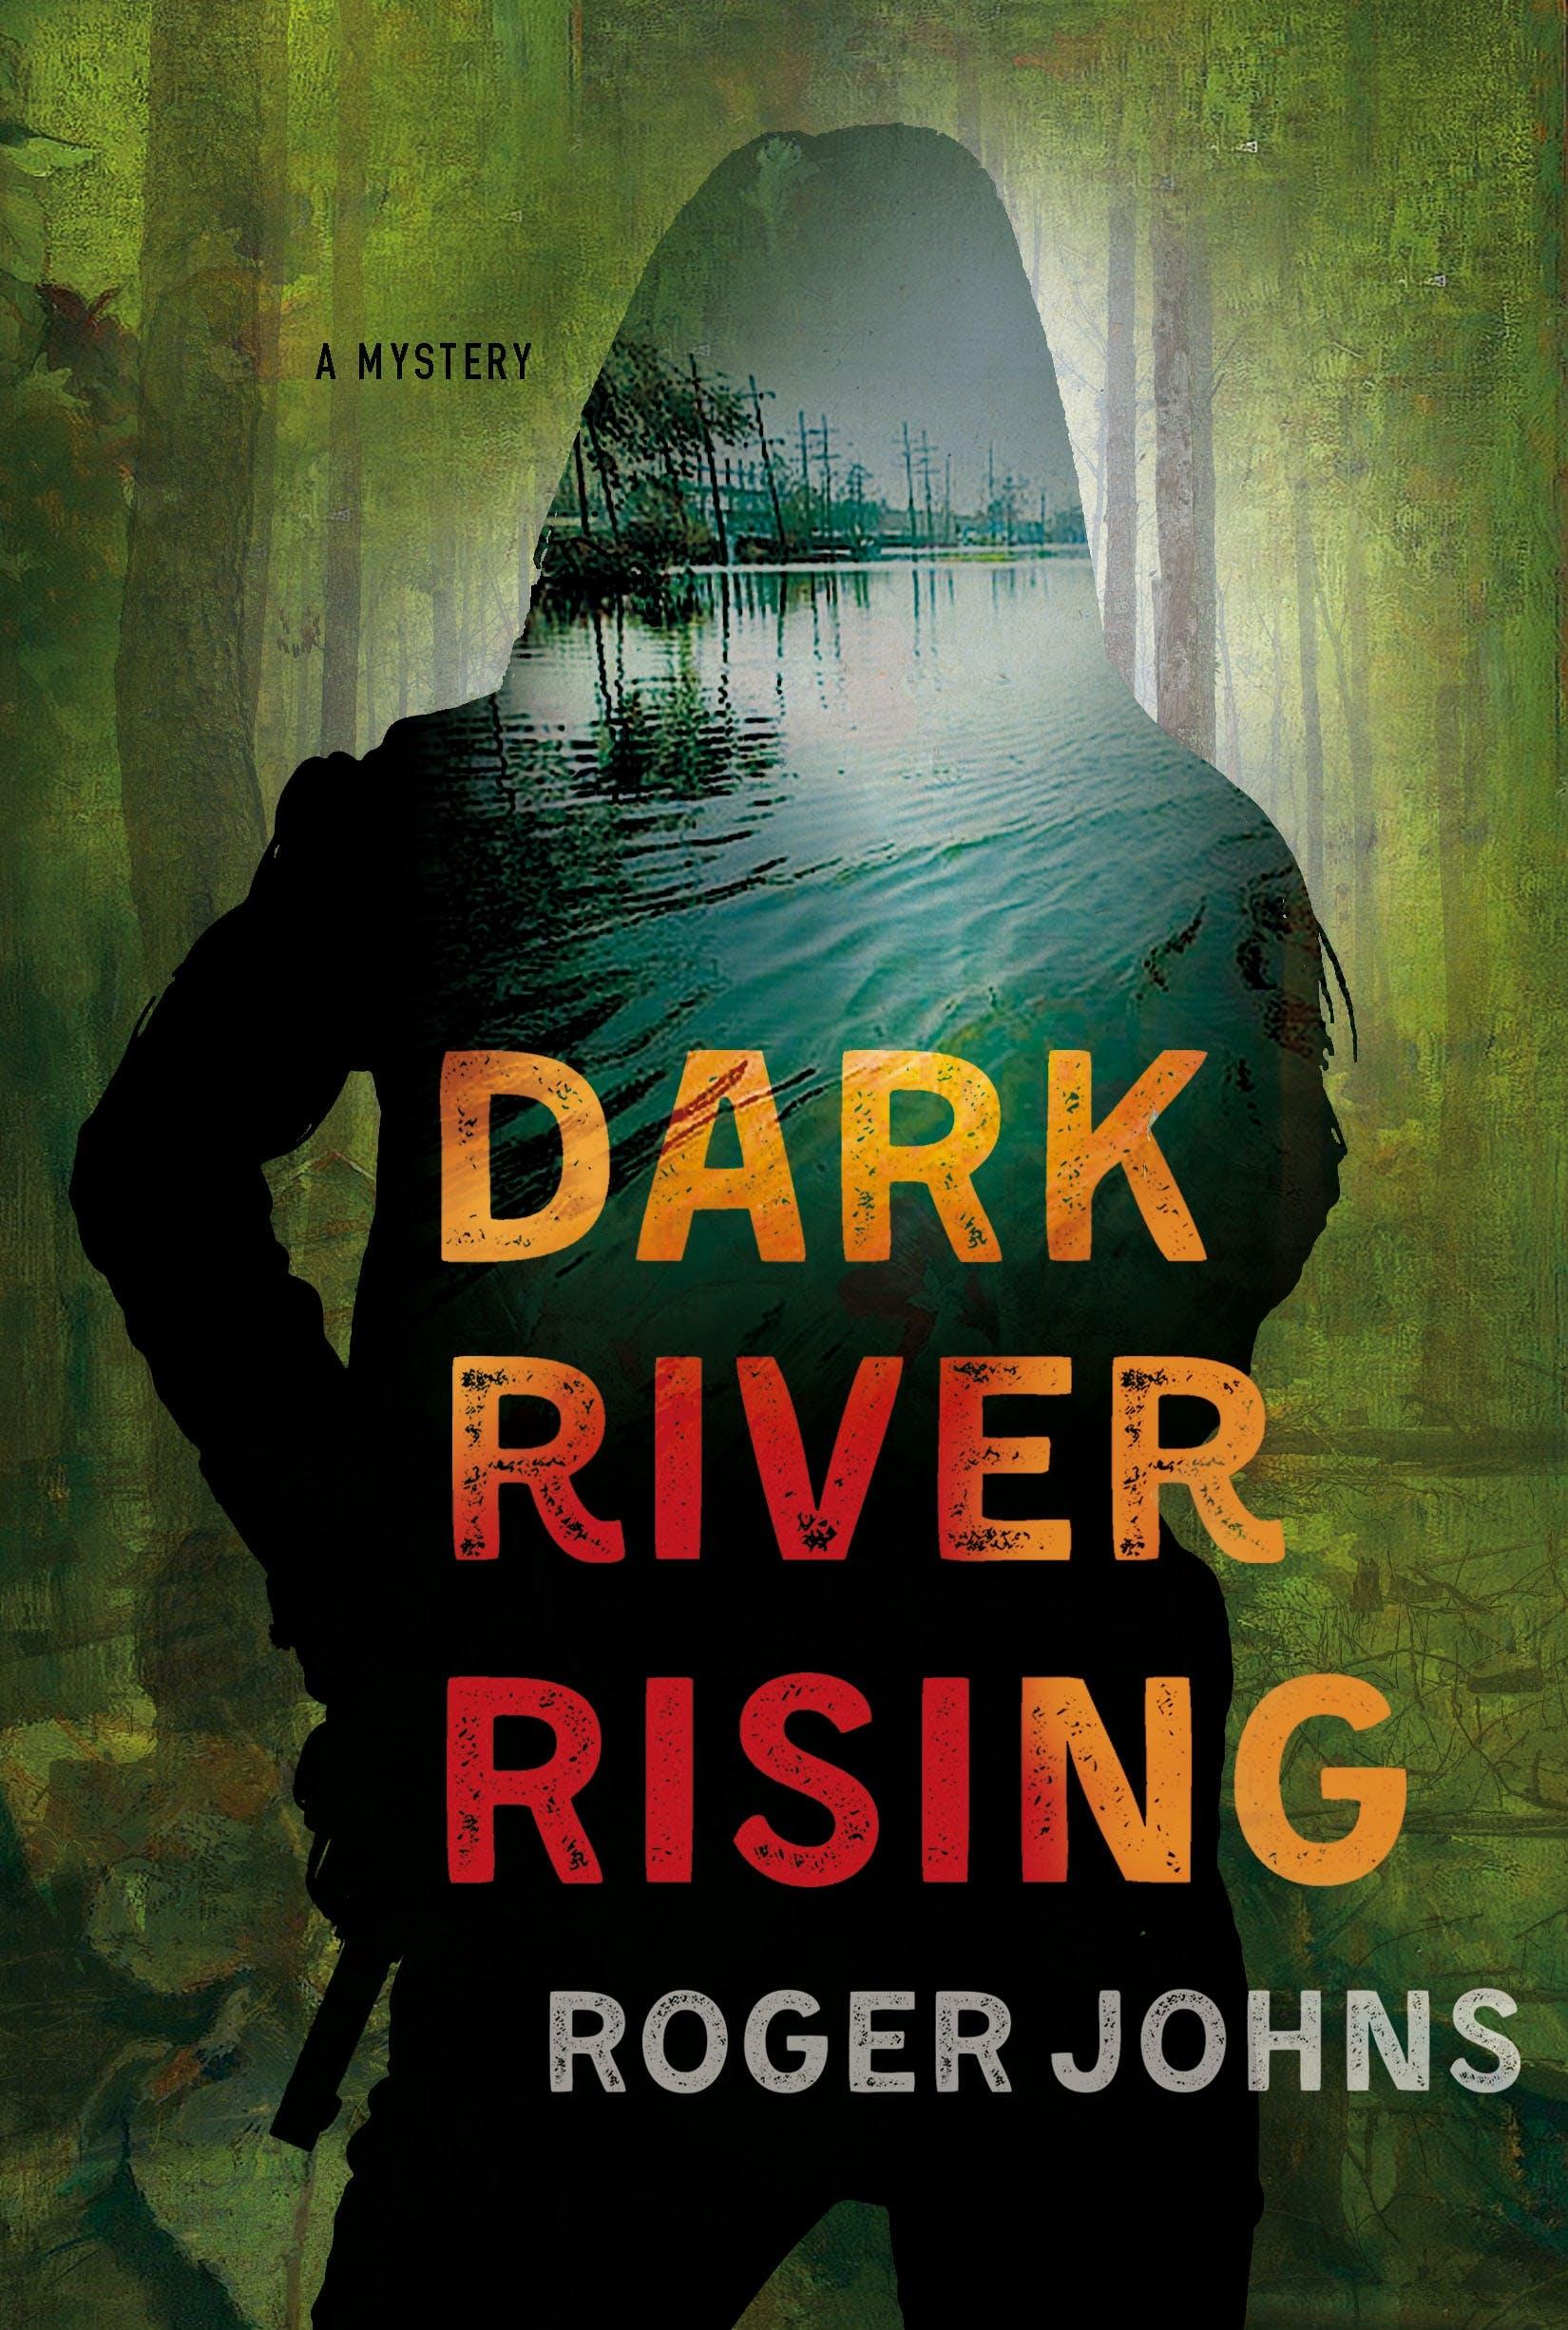 Image of Dark River Rising